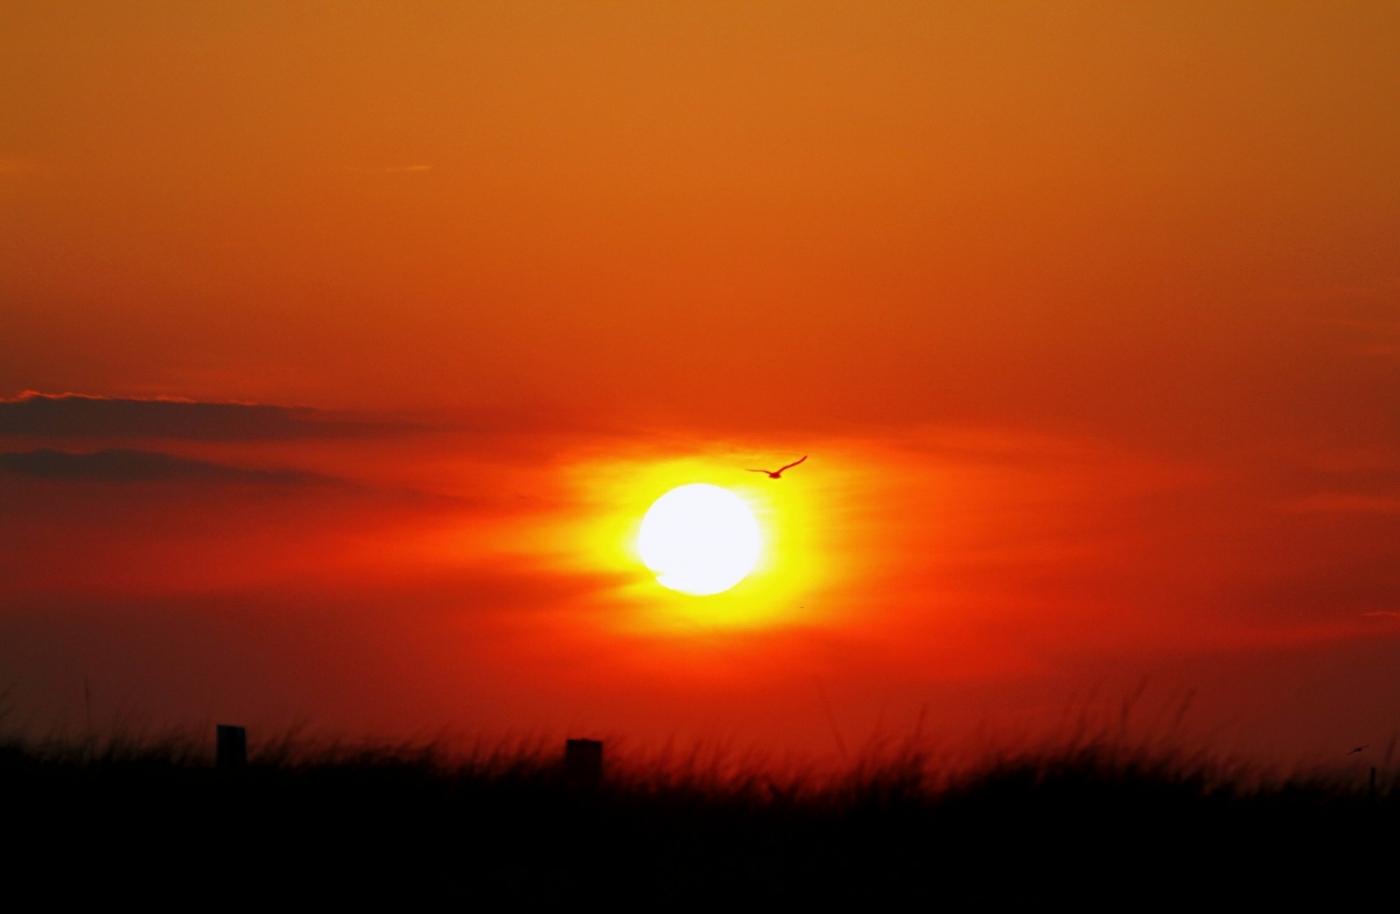 【田螺摄影】写长沙滩的日出日落_图1-8